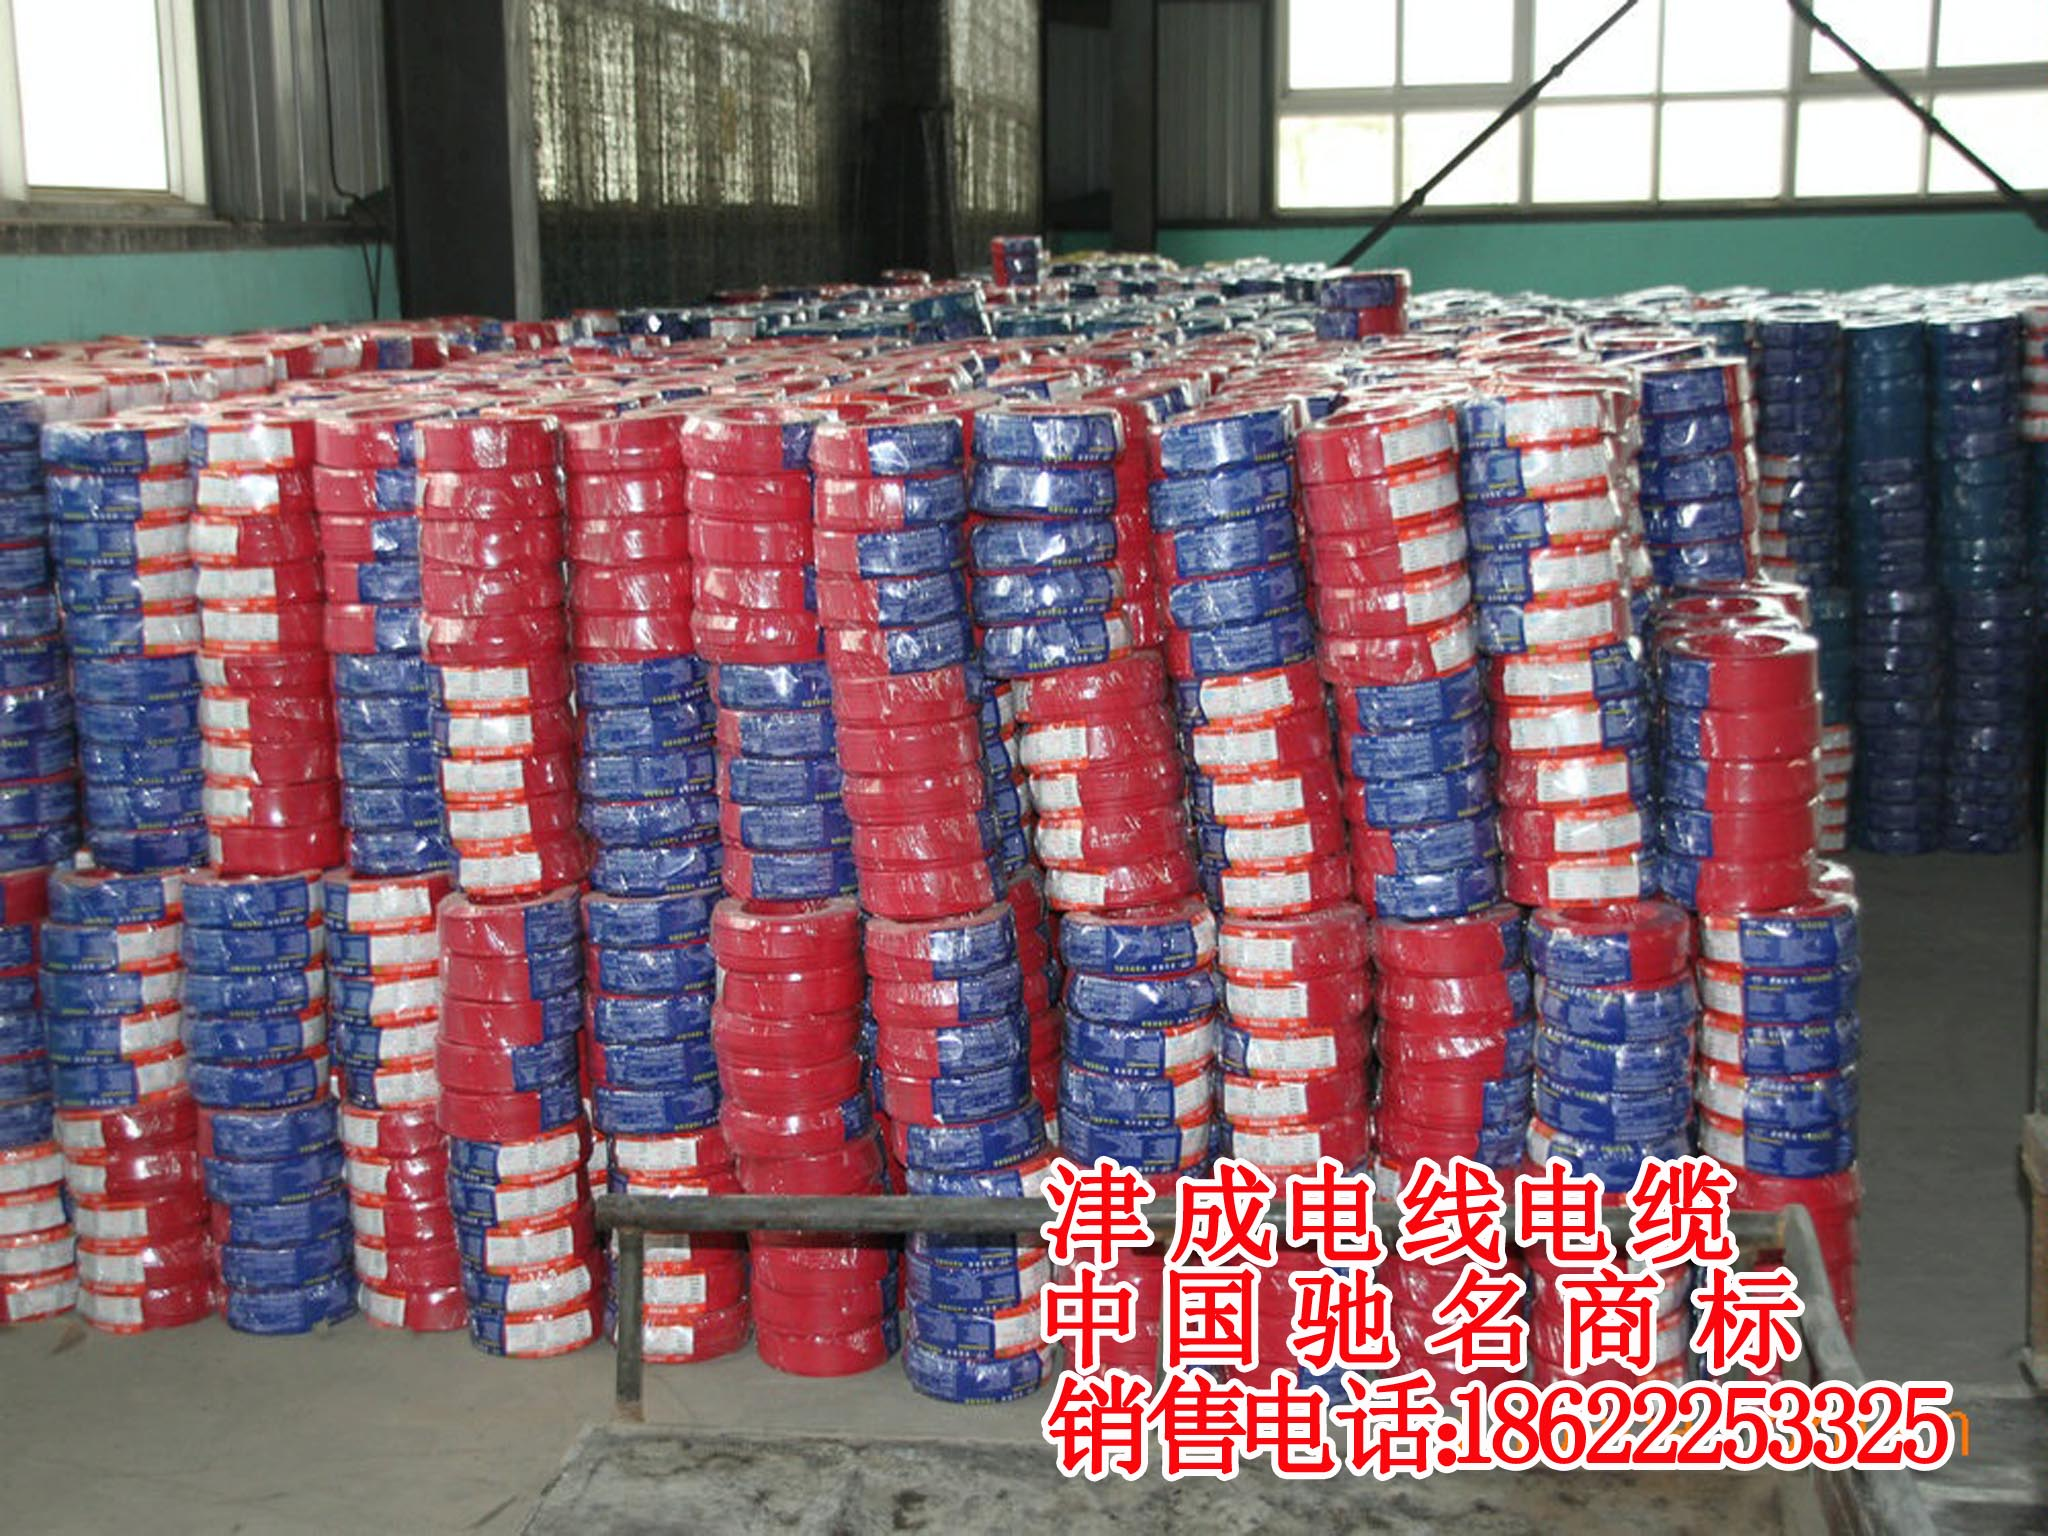 津成电线电缆 江西省抚州市电线电缆回收,回收